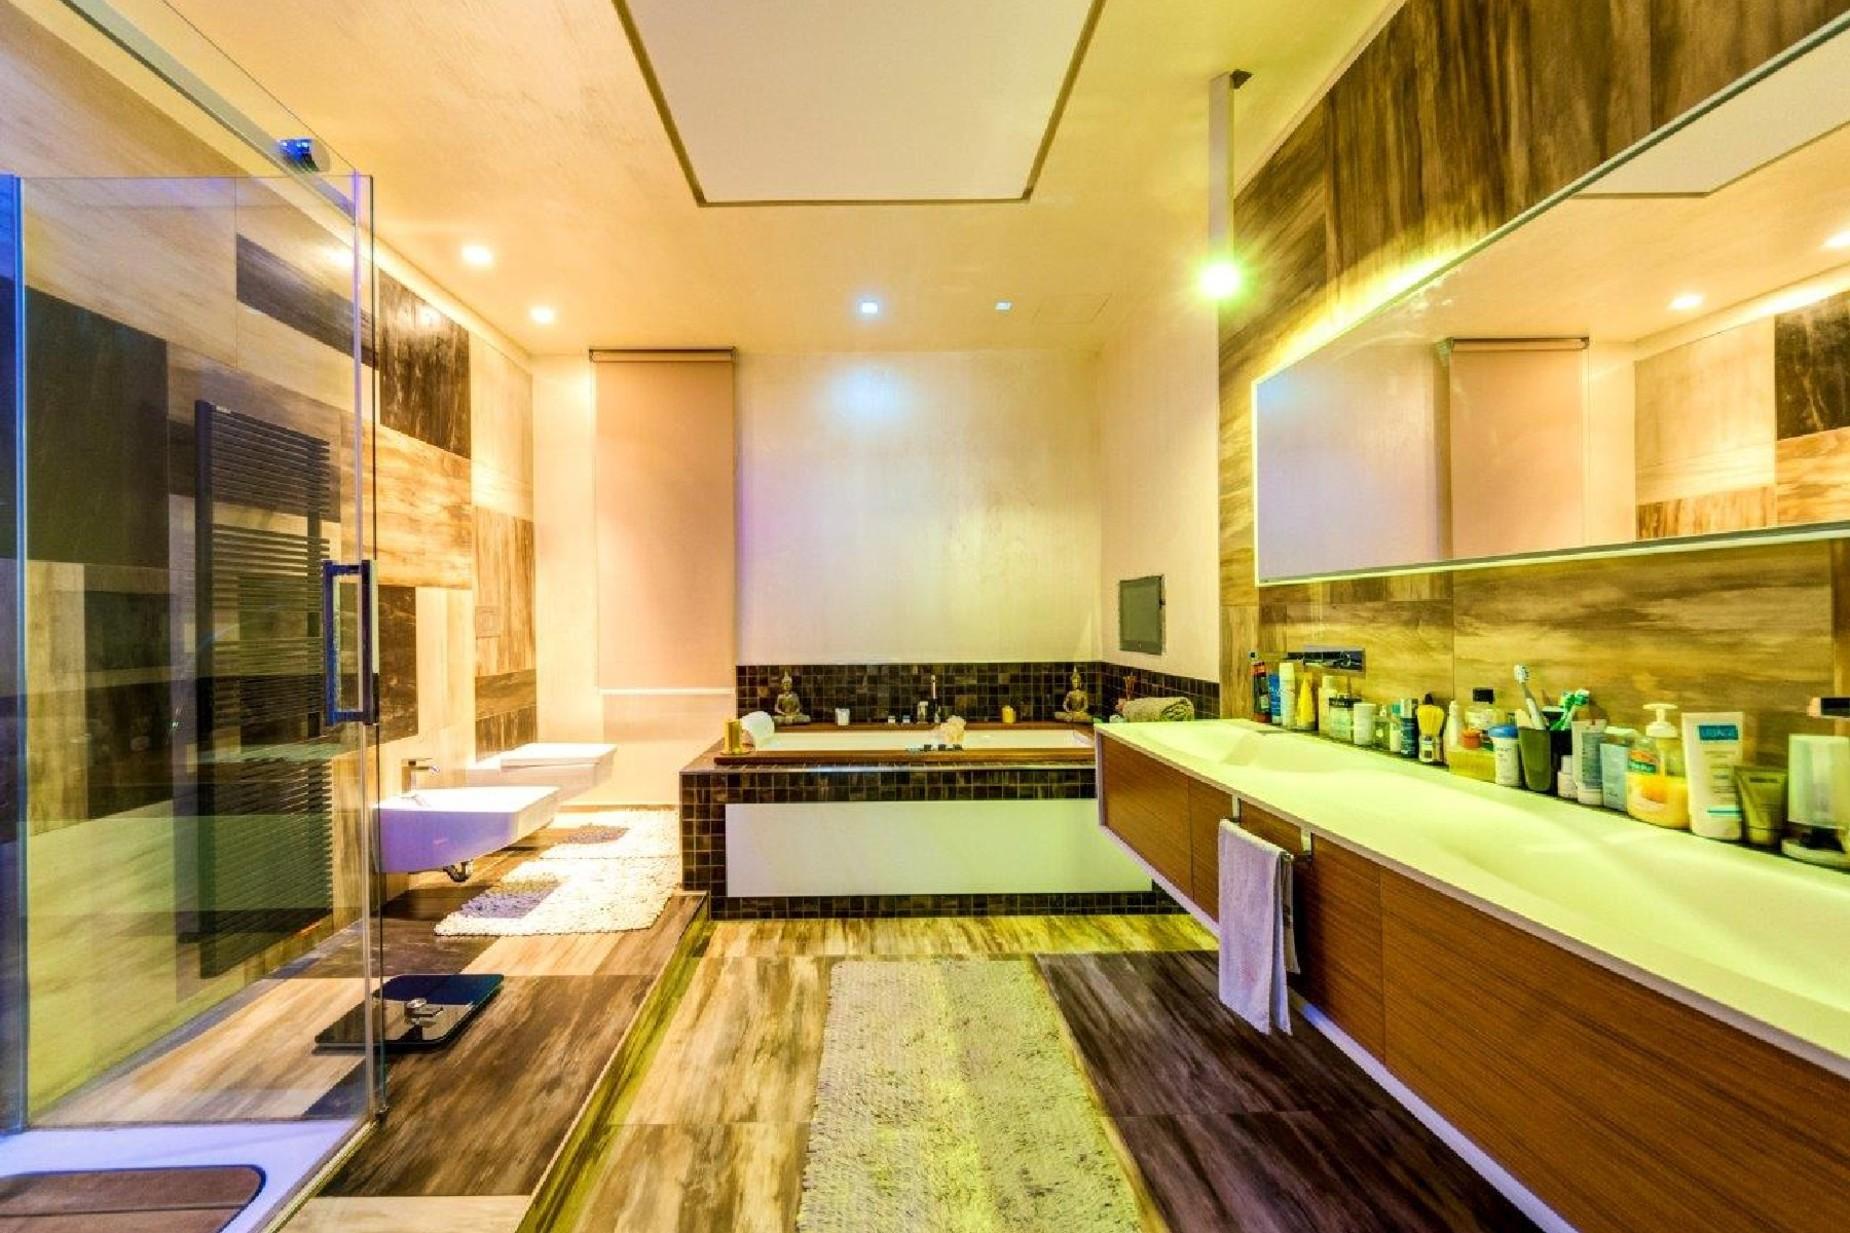 3 bed Apartment For Sale in Ta' Xbiex, Ta' Xbiex - thumb 14